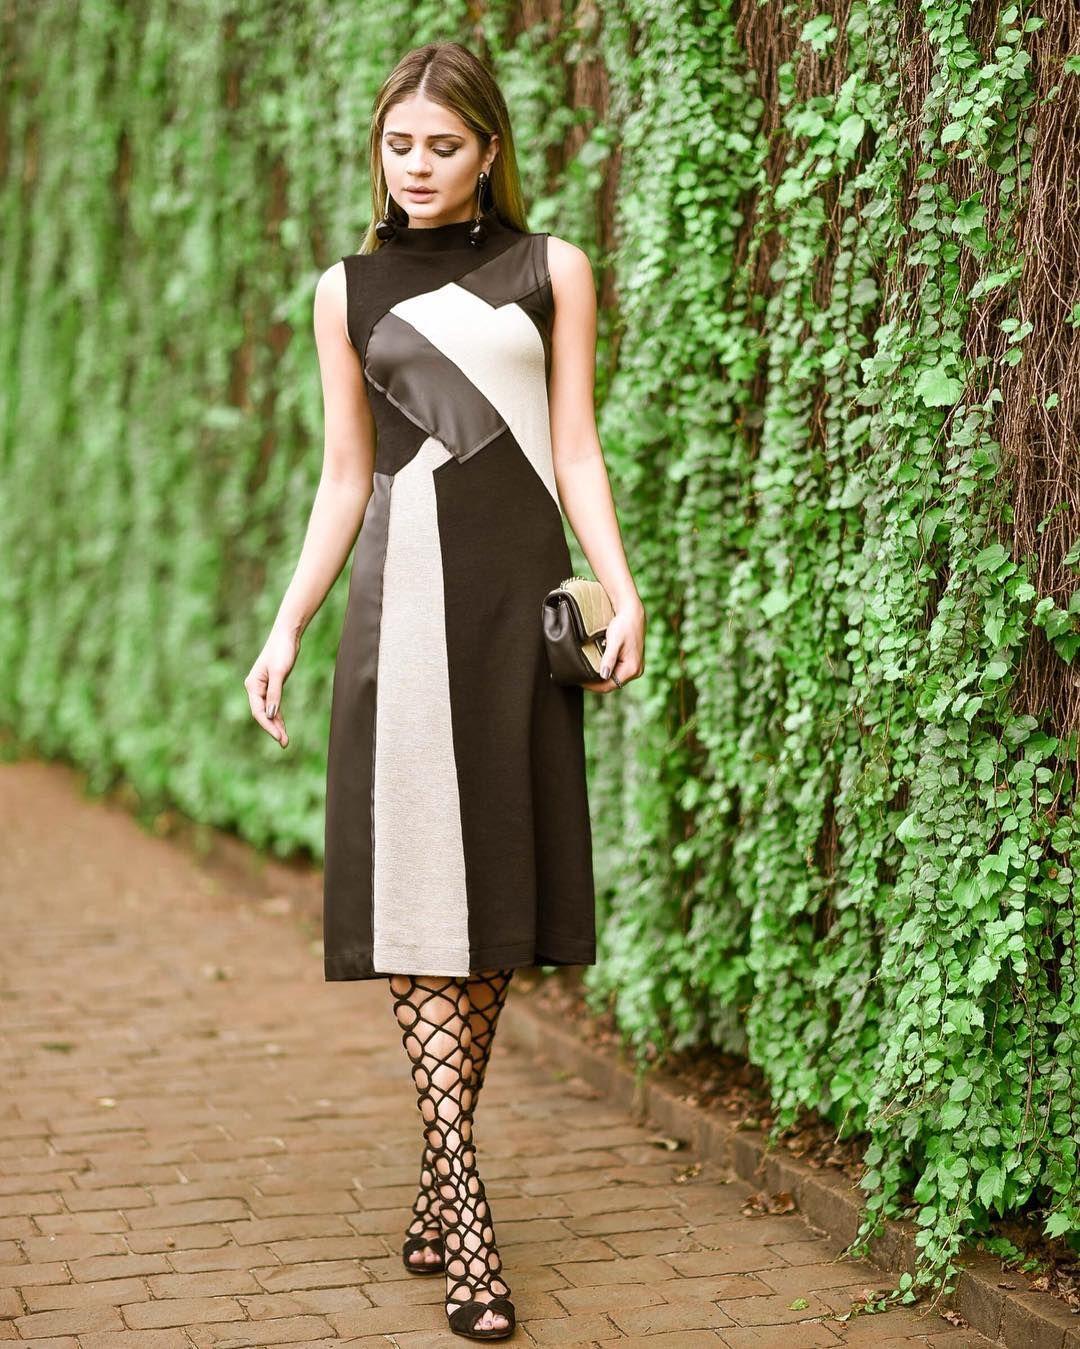 Quinta feira sua linda! | Enlouquecida pela combinação de cores e tecidos desse vestido da @fitweb! Tão chique né?! E o MELHOR mais atemporal impossivel! {Nesse caso o truque foi usar a sandália para dar um ar fashionista e sexy! } Que tal?! #ootd #thassiastyle #lookoftheday by thassianaves